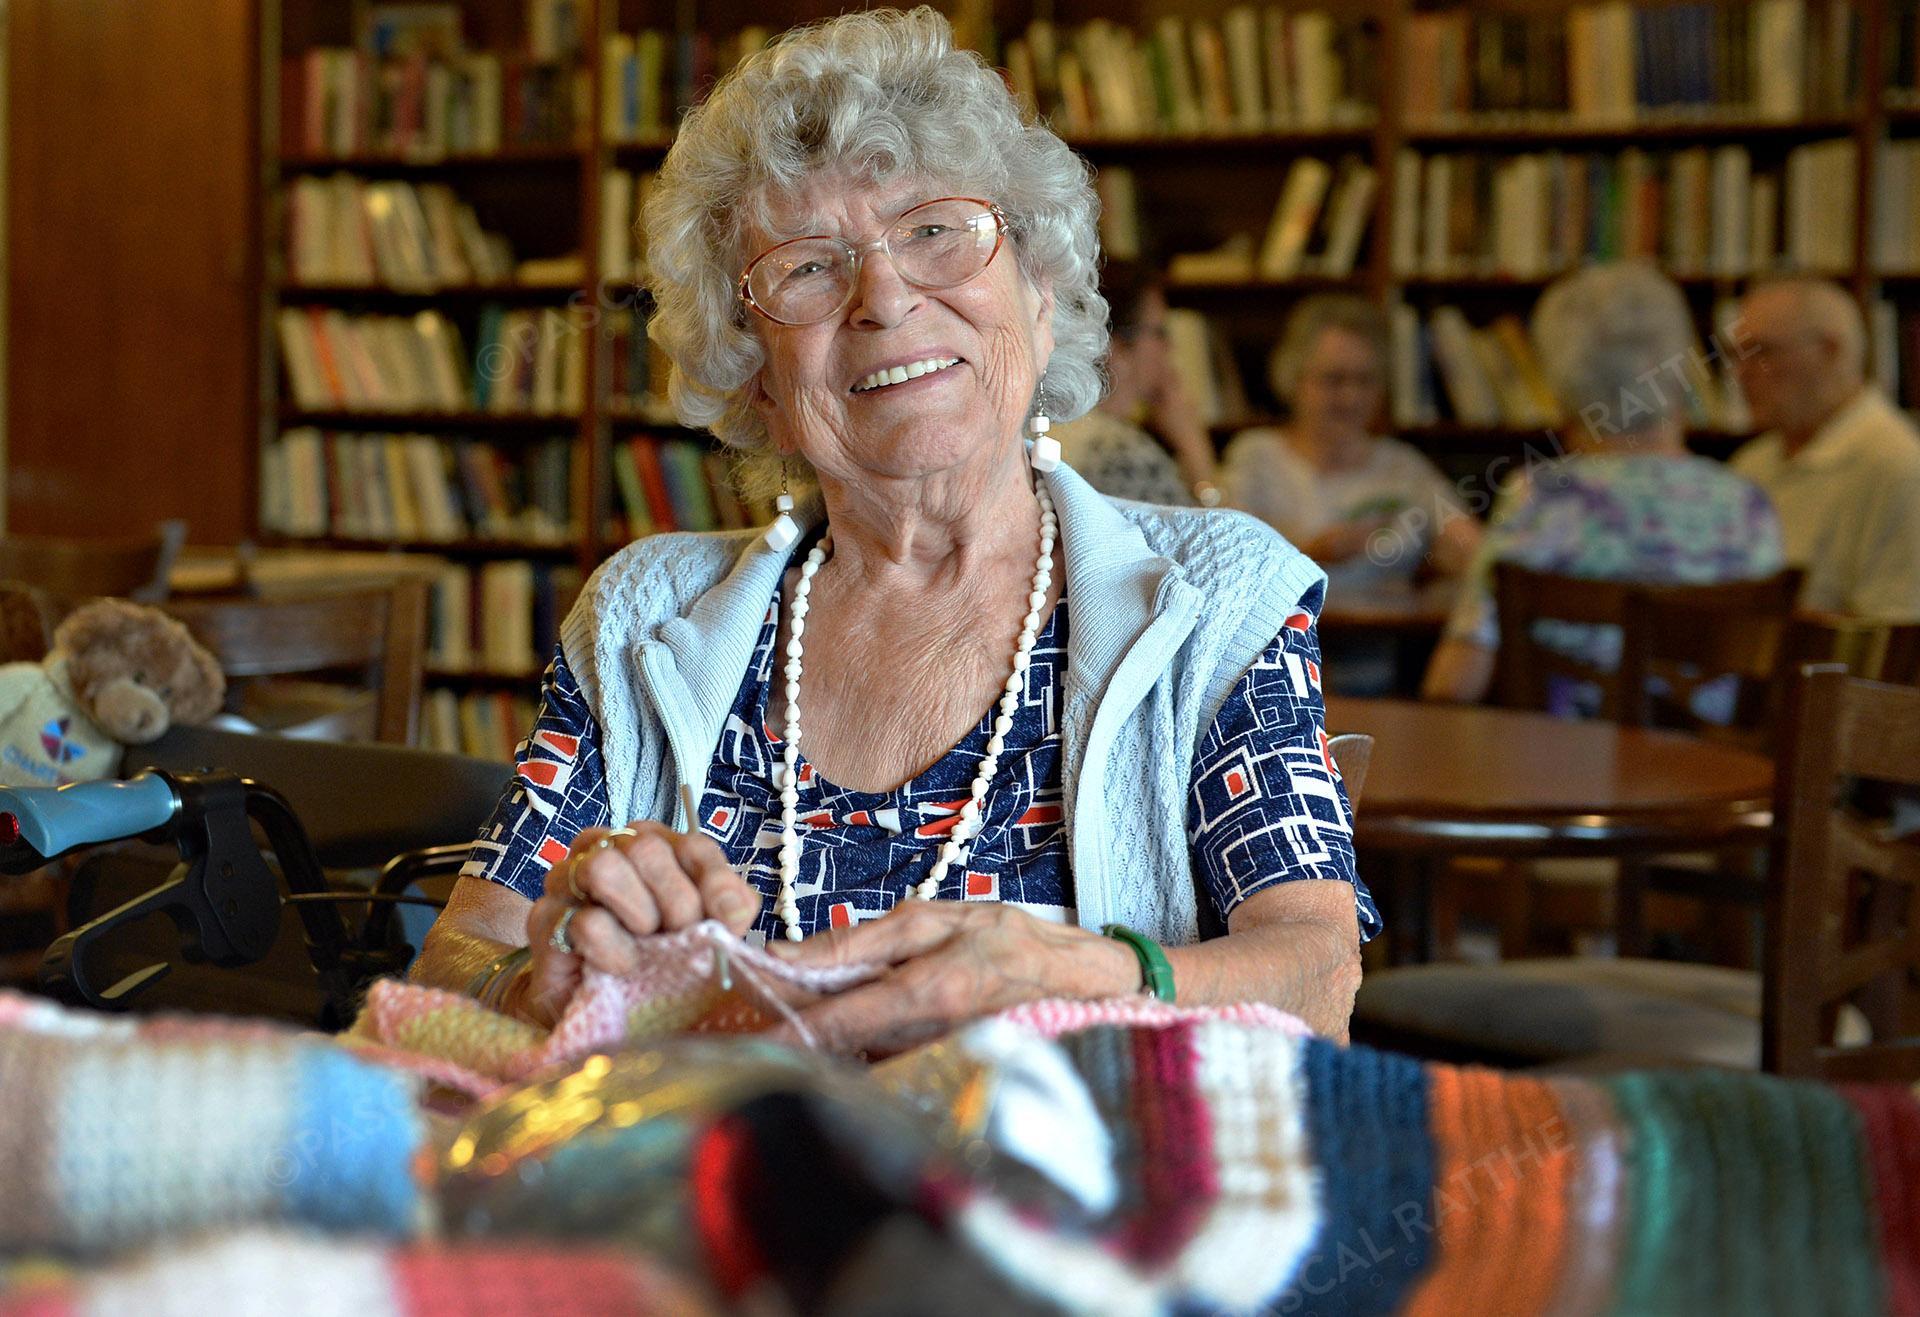 les mainpersonne âgé avec un grand sourirefaisant du tricot